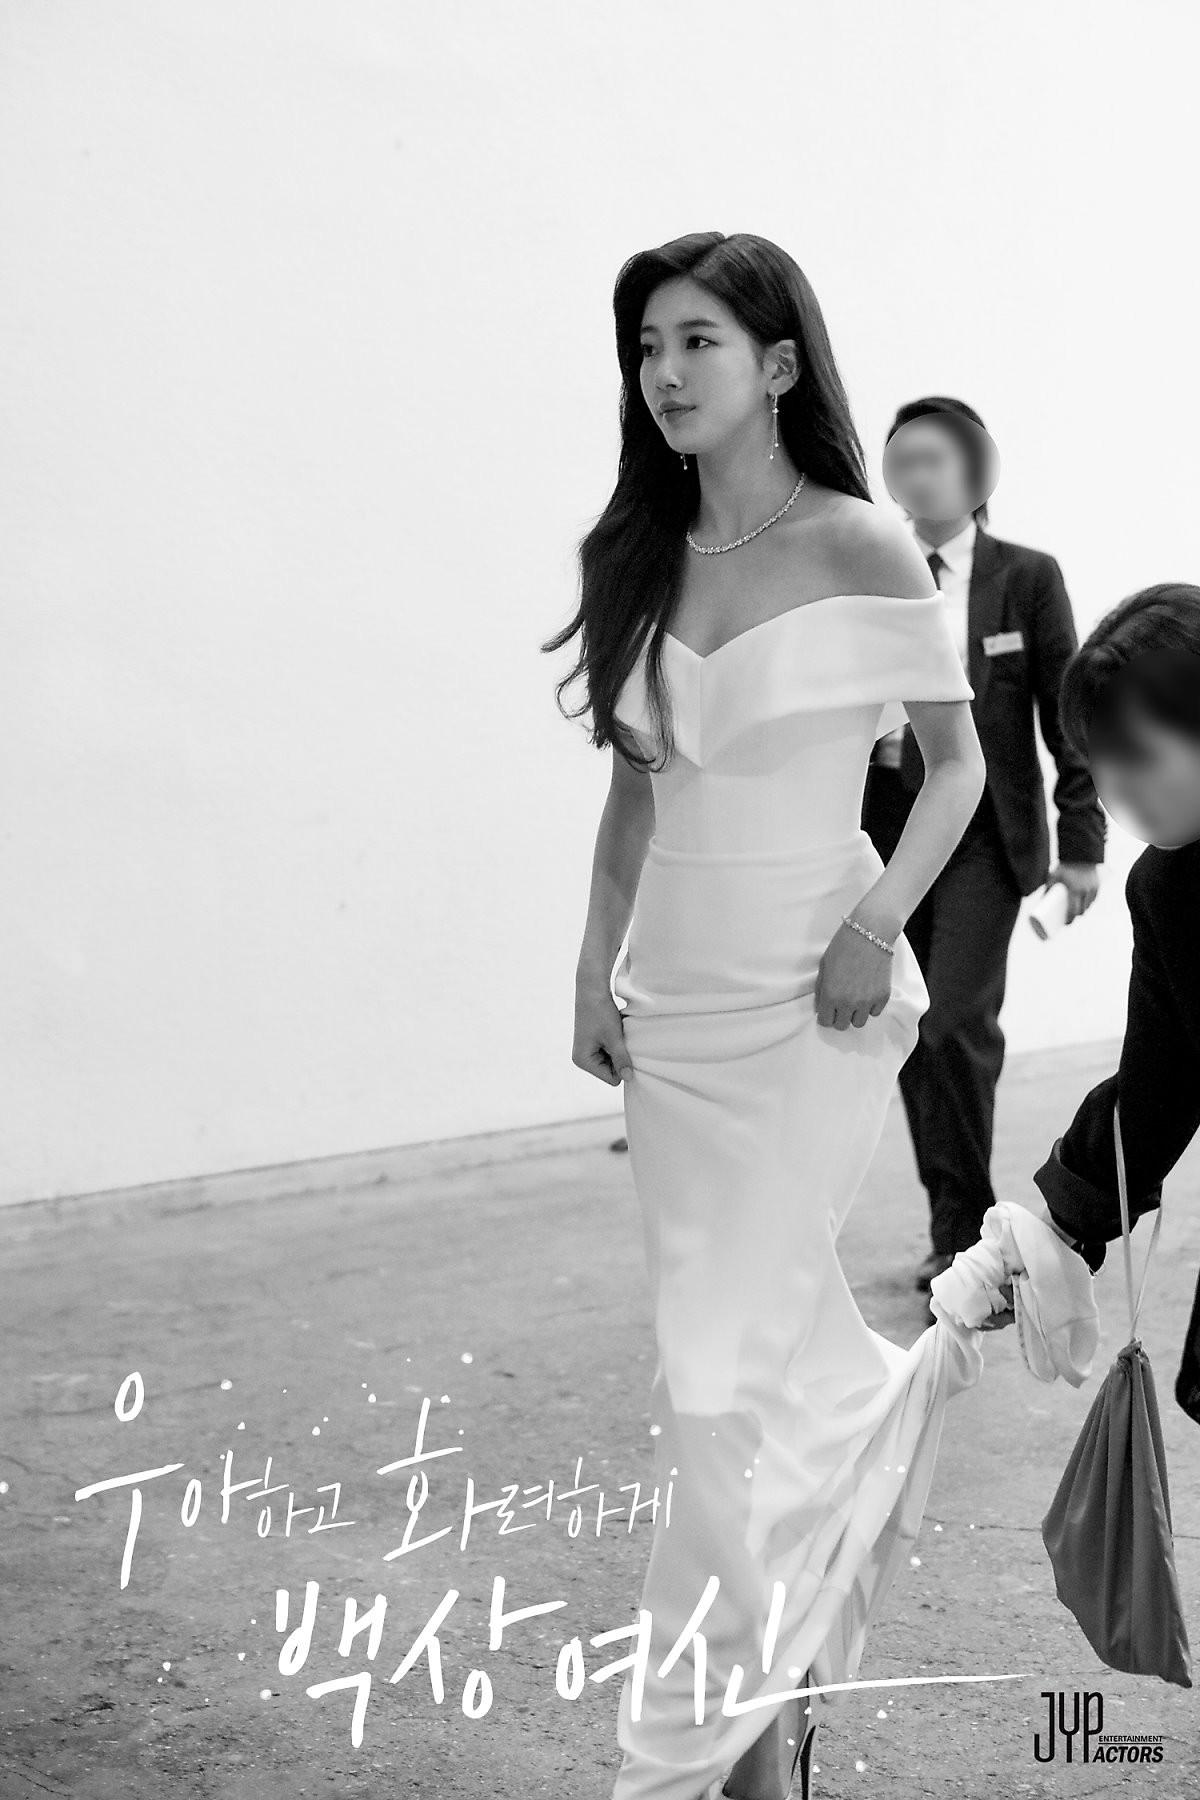 Hình hậu trường nóng hổi của Suzy tại Baeksang: Sải bước ở hầm để xe mà sang như bà hoàng, đẹp hơn cả đi thảm đỏ - Ảnh 8.